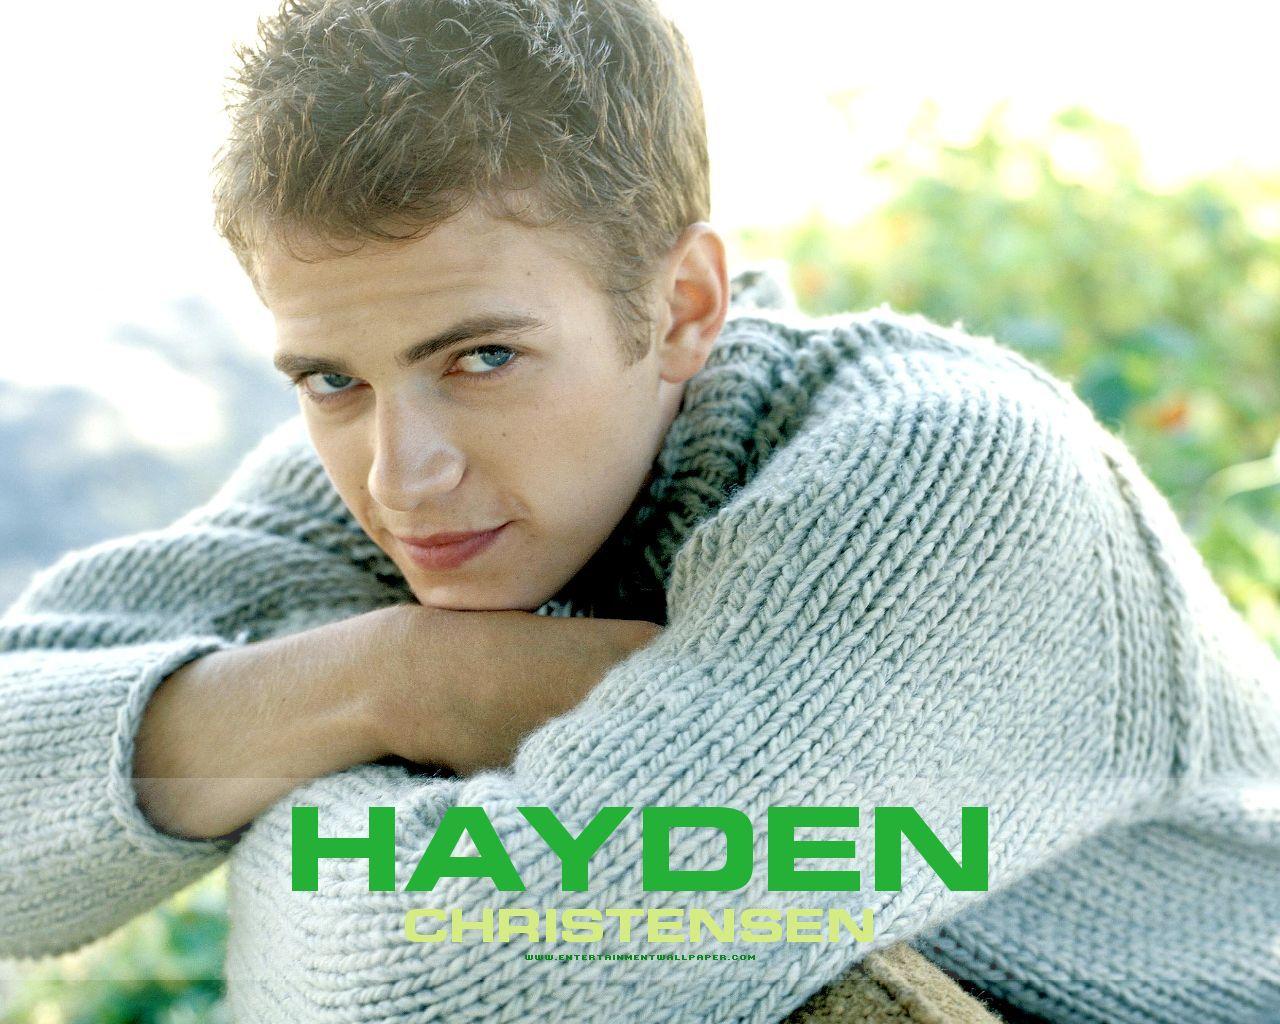 Hayden Christensen hayden christensen